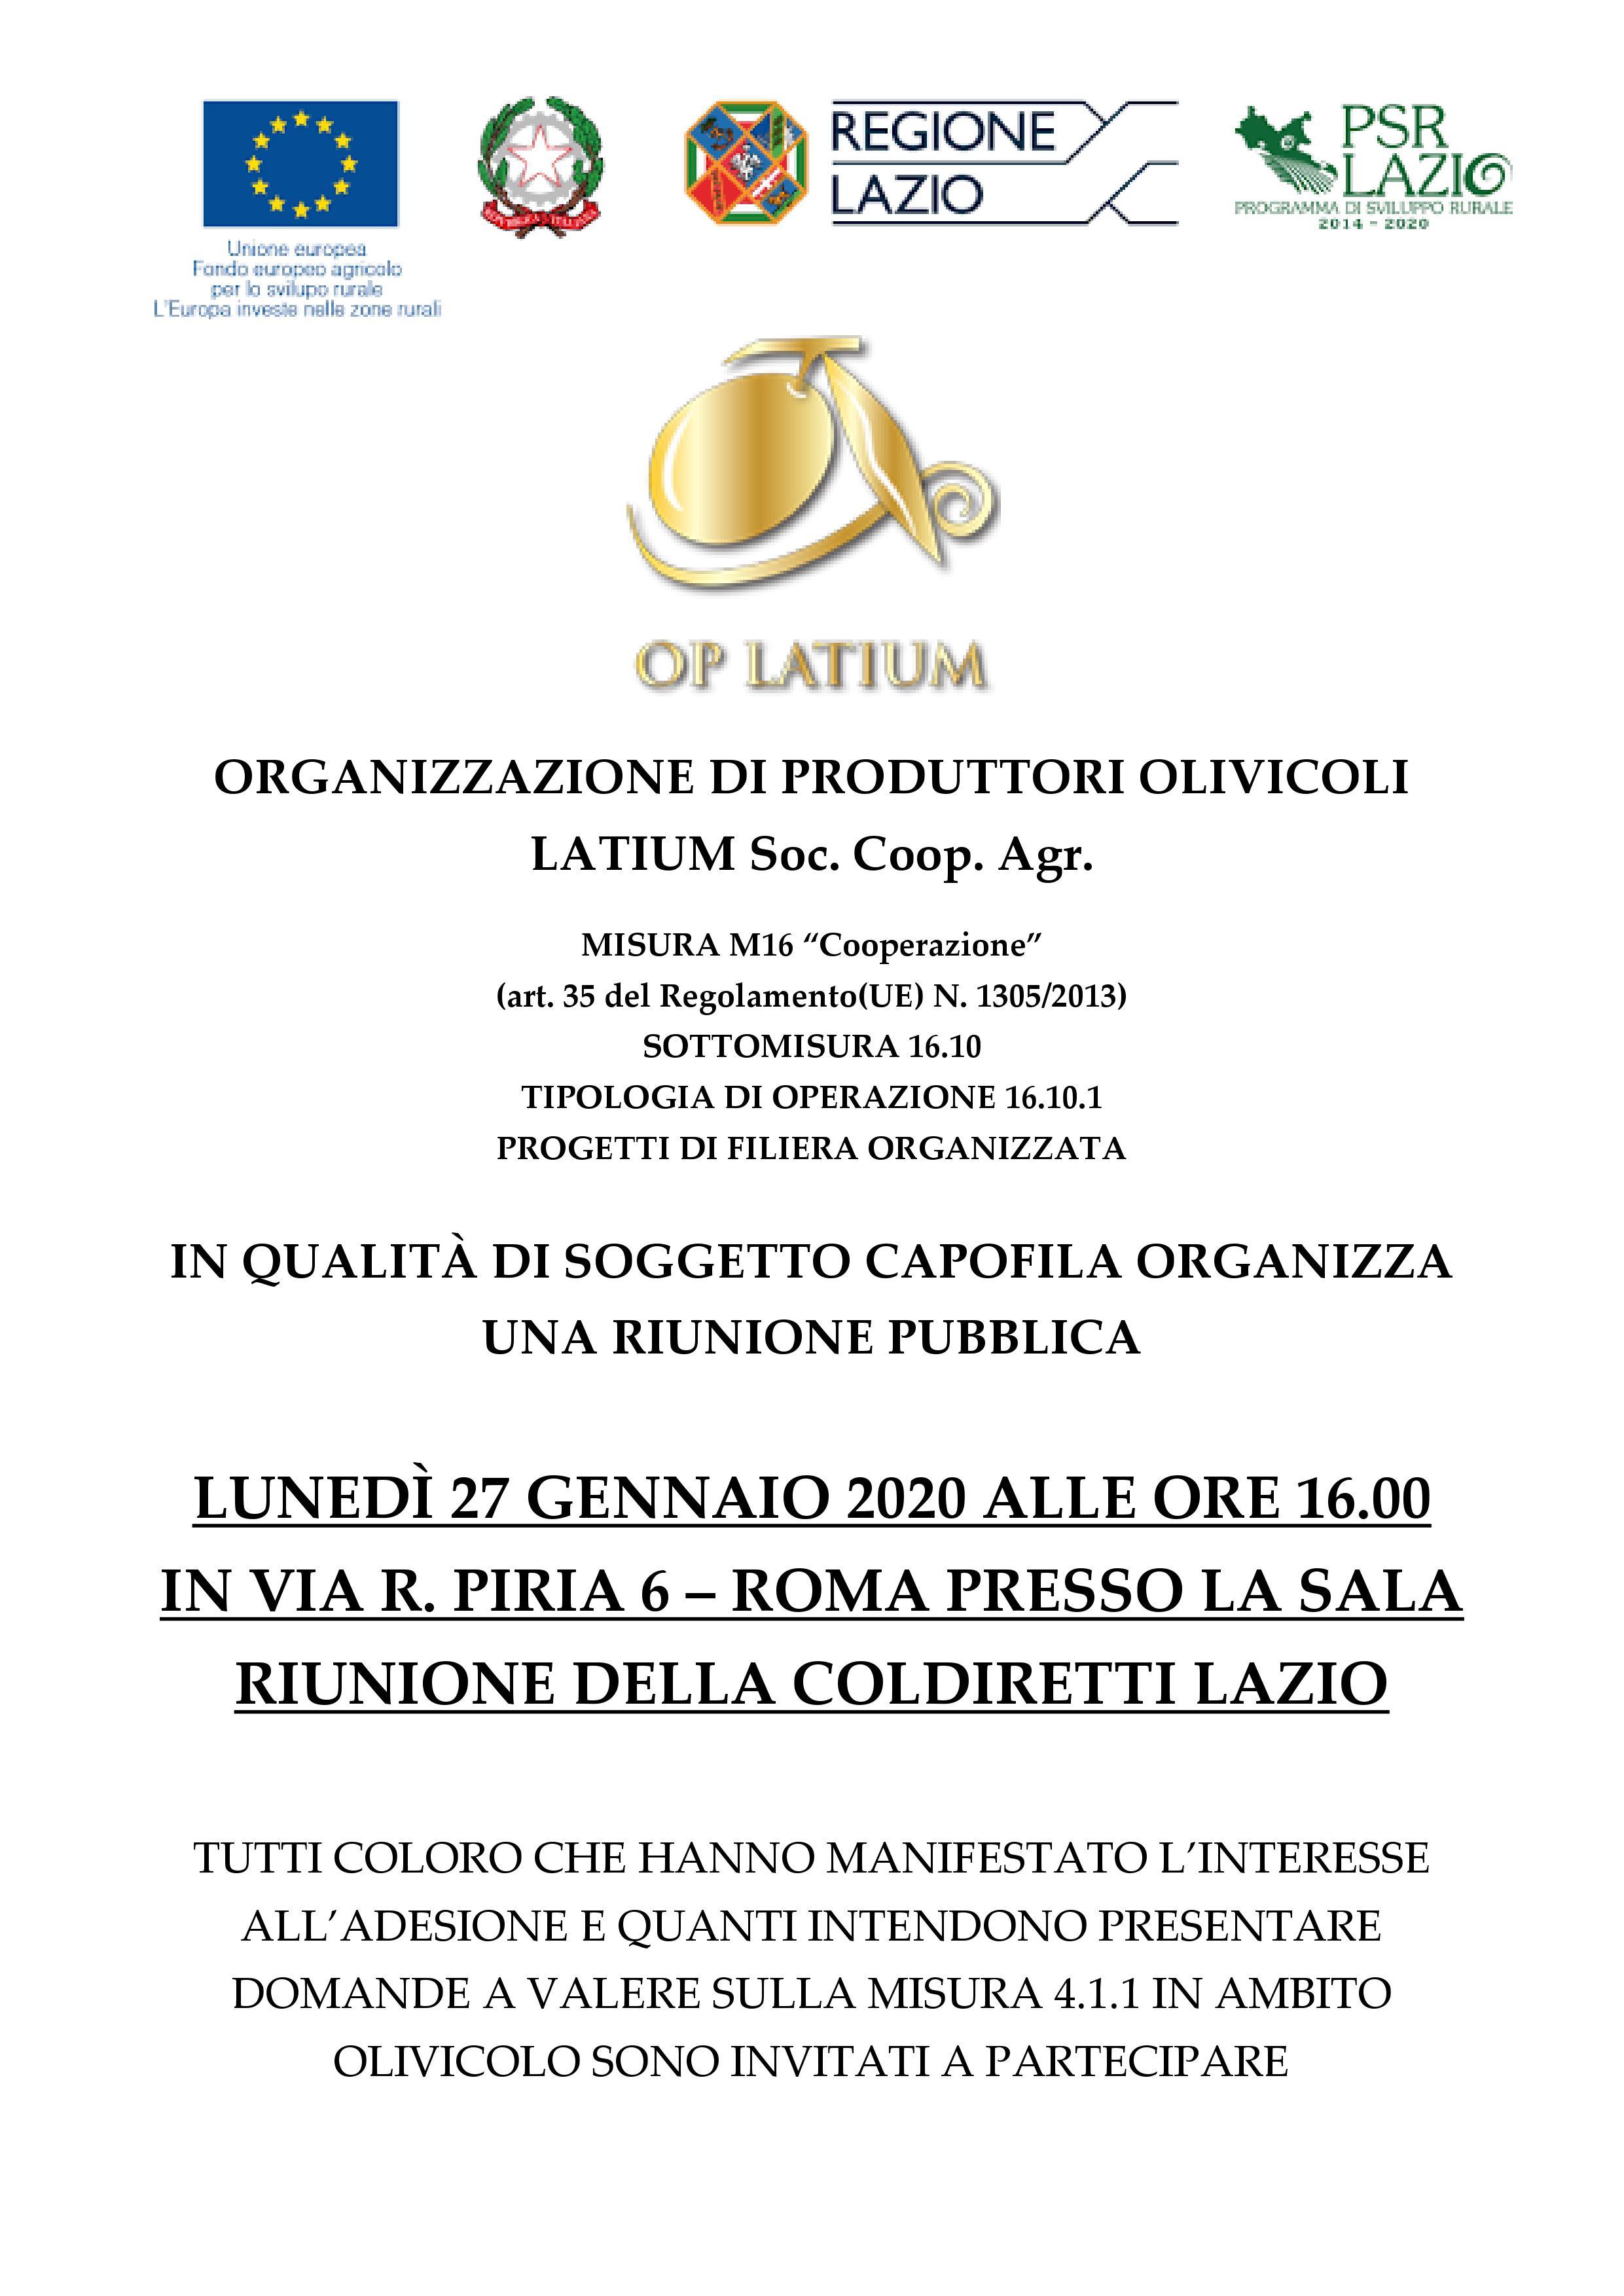 Progetto di Filiera Organizzata OP LATIUM: riunione pubblica lunedì 27 gennaio 2020 ORE 16:00